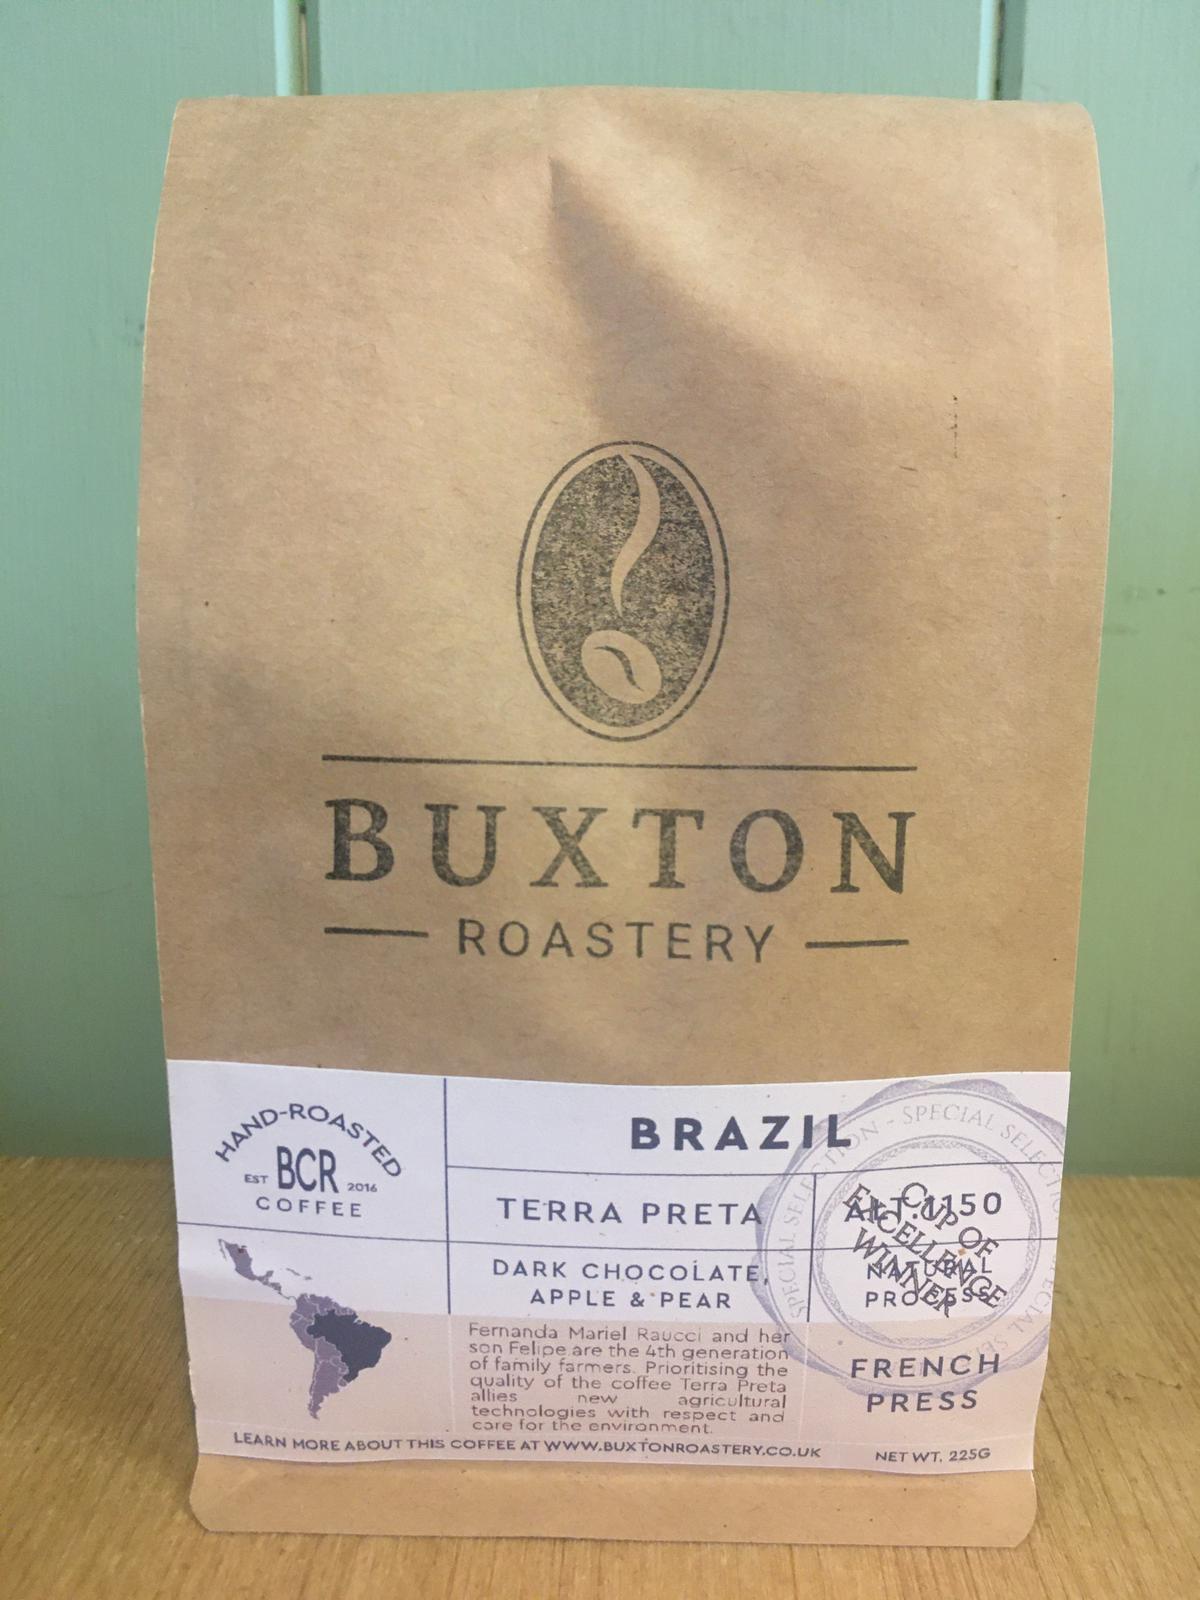 Buxton Roastery Coffee - Brazil Terra Preta 225g